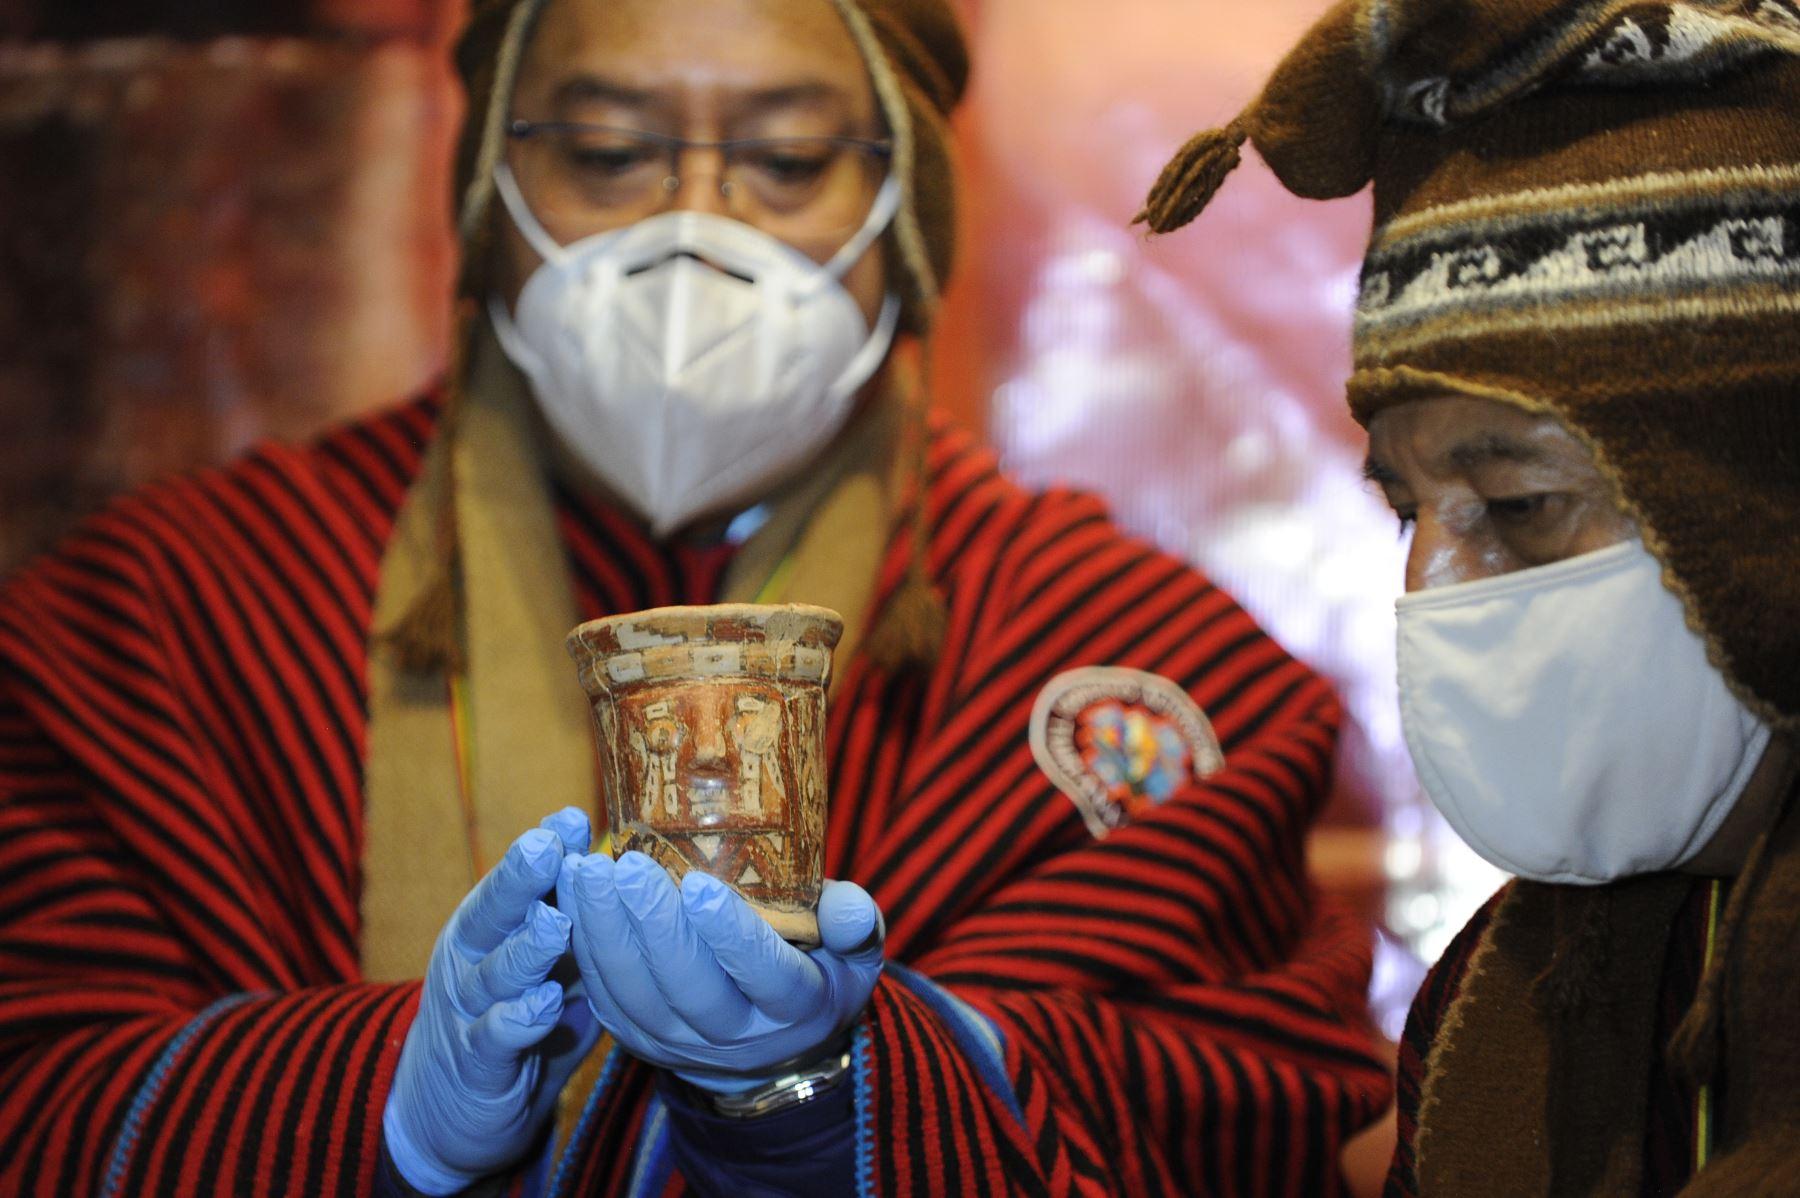 La pandemia del covid-19 provocó el desplome de la llegada de turistas locales y extranjeros al lugar. Foto: AFP